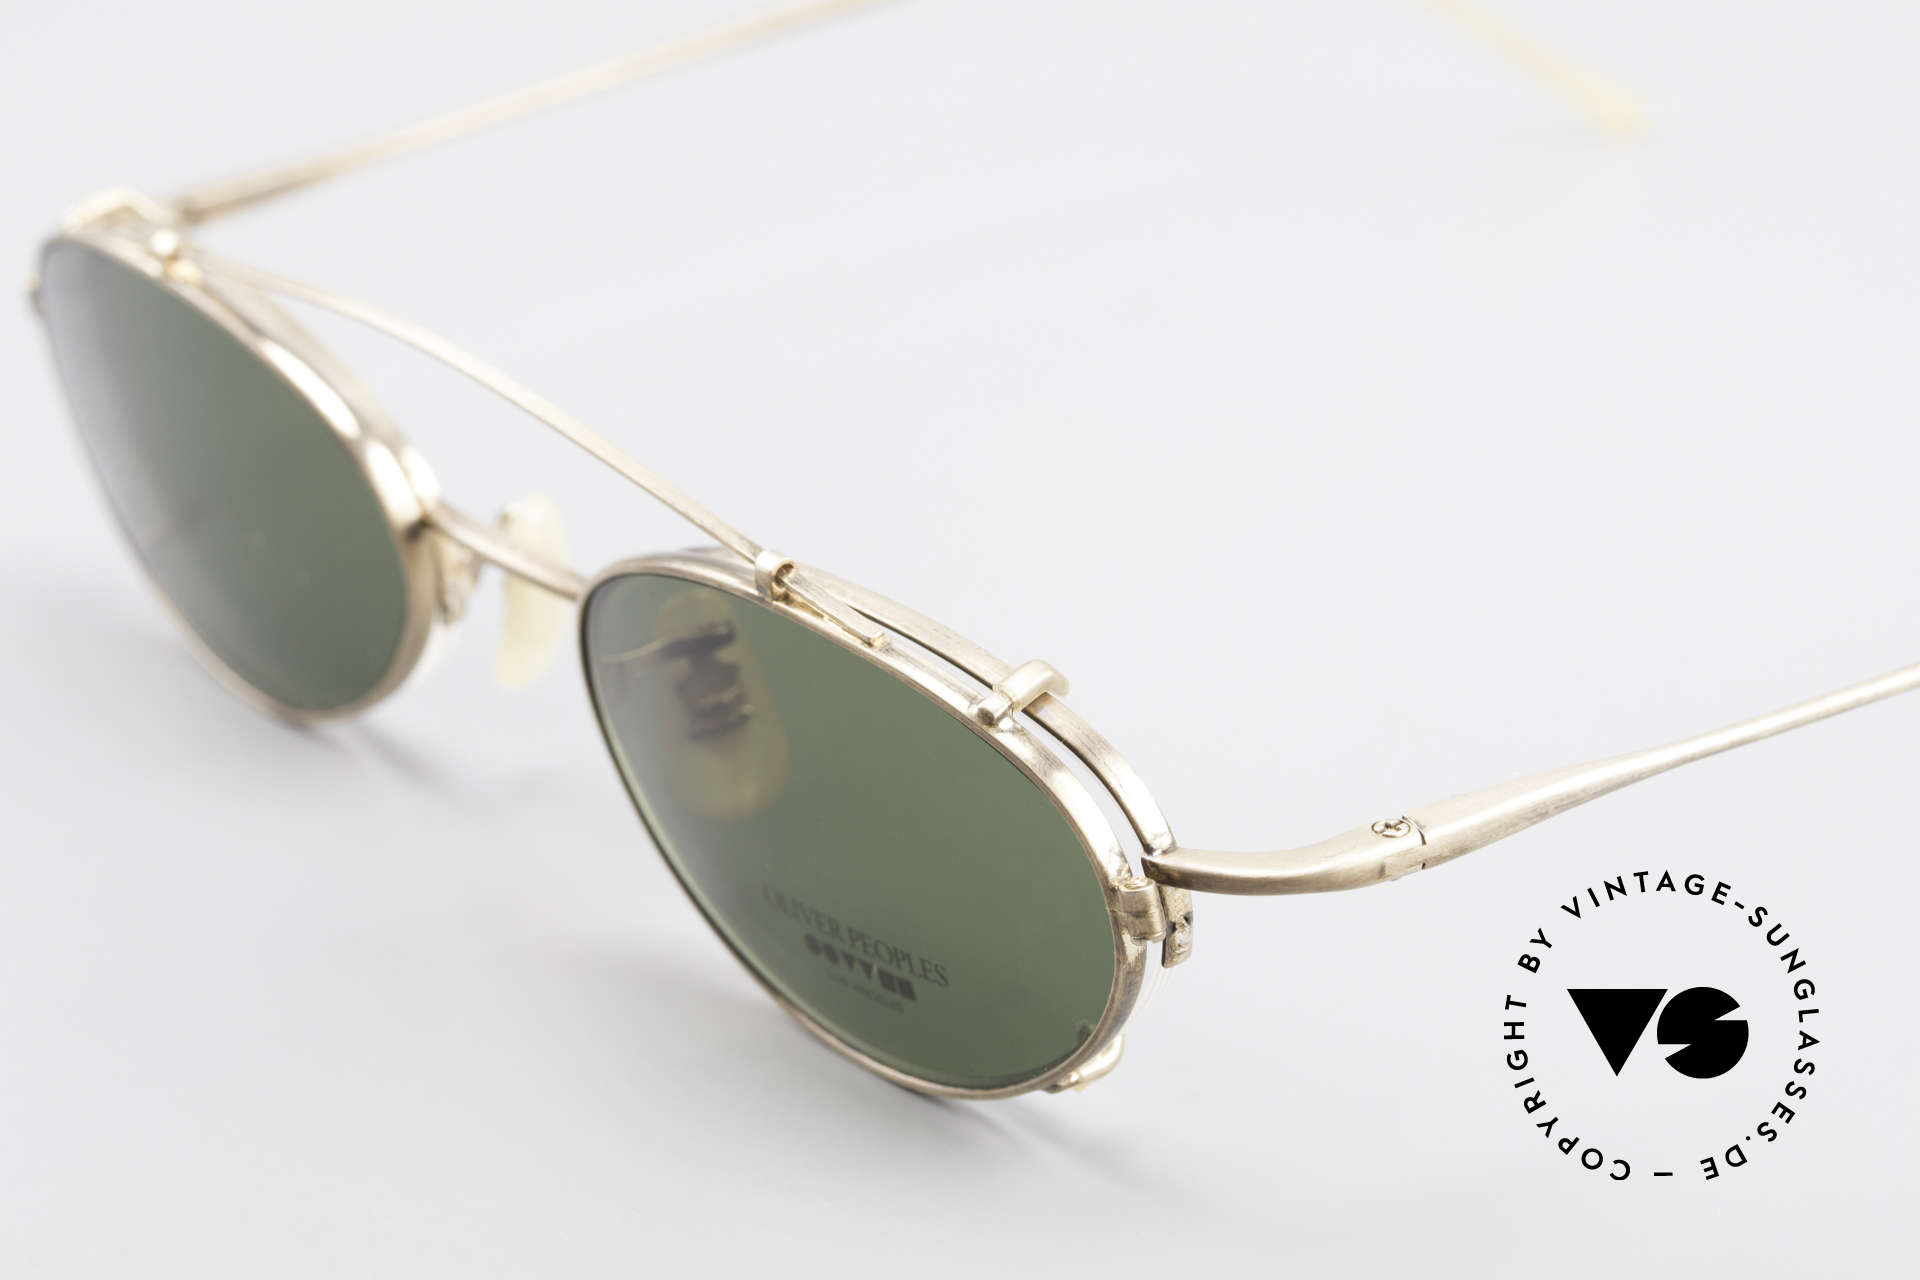 Oliver Peoples OP599 Ovale Vintage Brille Mit Clip, ungetragene Fassung (halb rahmenlos), made in Japan, Passend für Herren und Damen